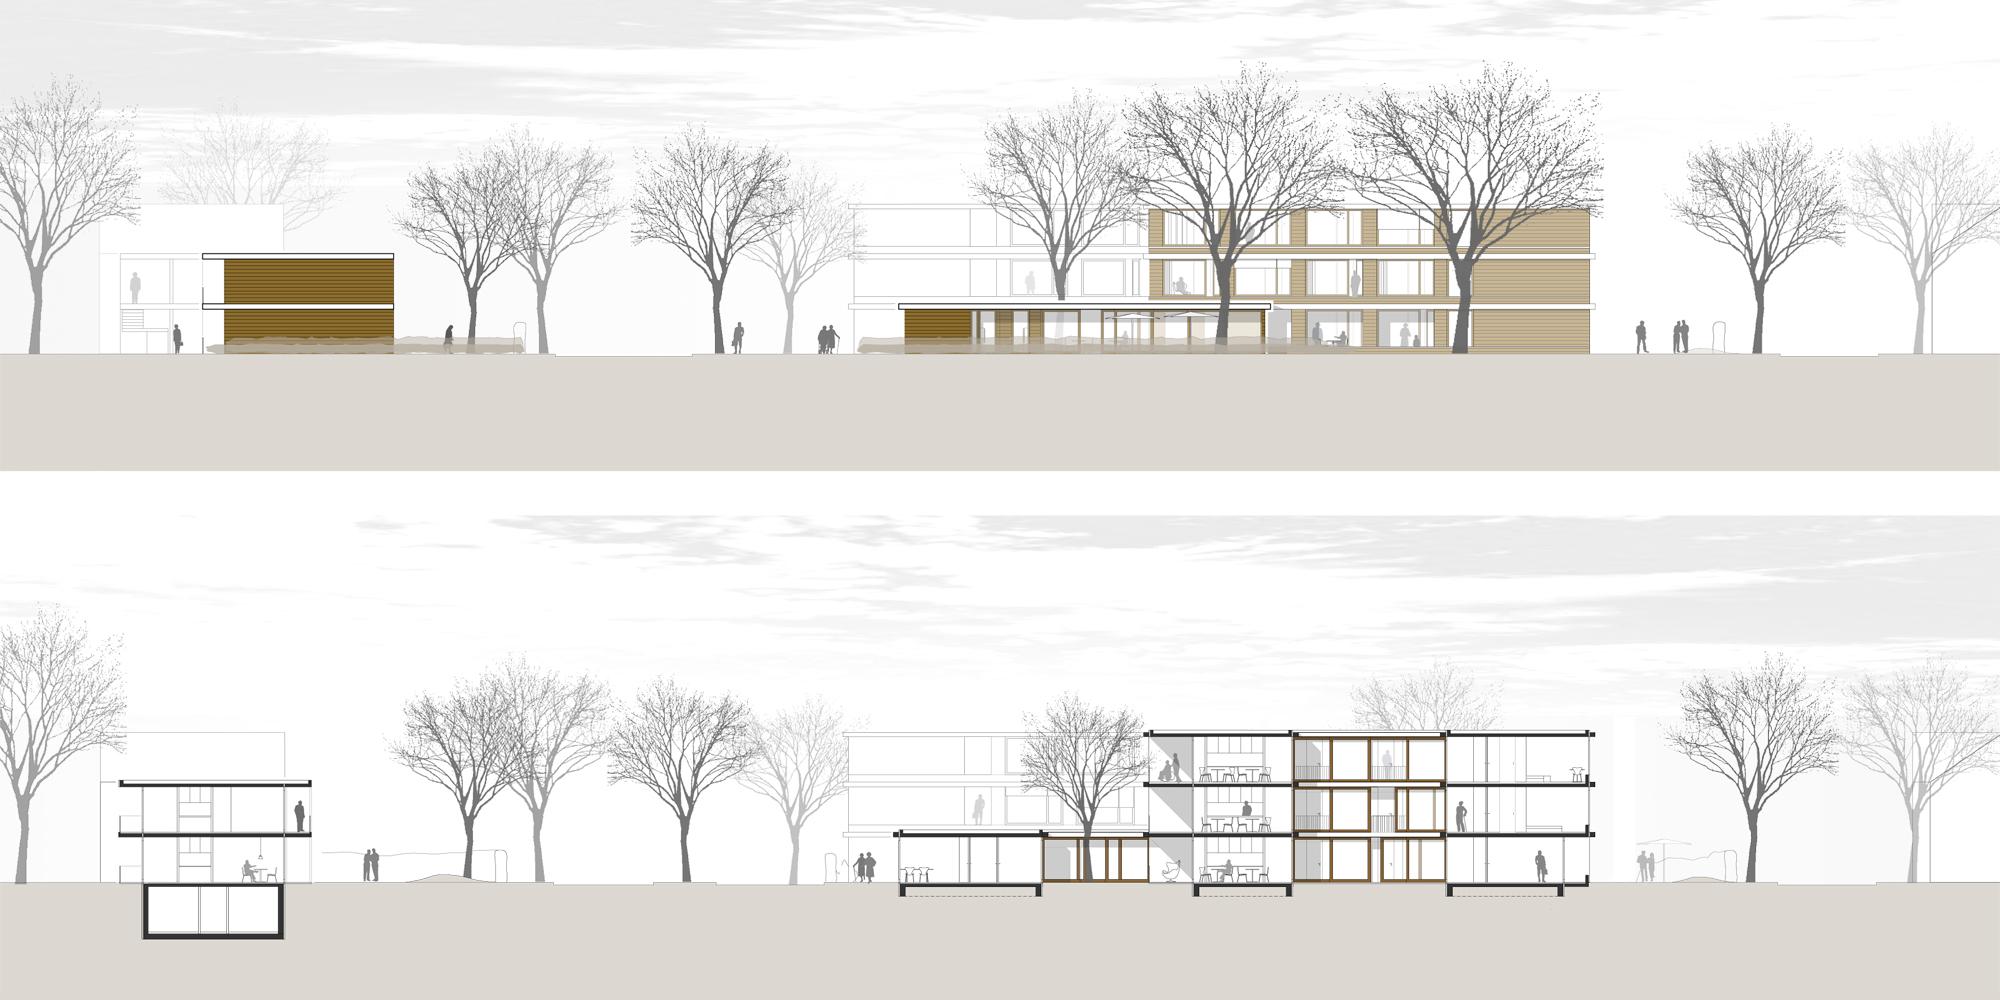 zentrum f r wohnen und pflege waechter waechter architekten bda darmstadt. Black Bedroom Furniture Sets. Home Design Ideas